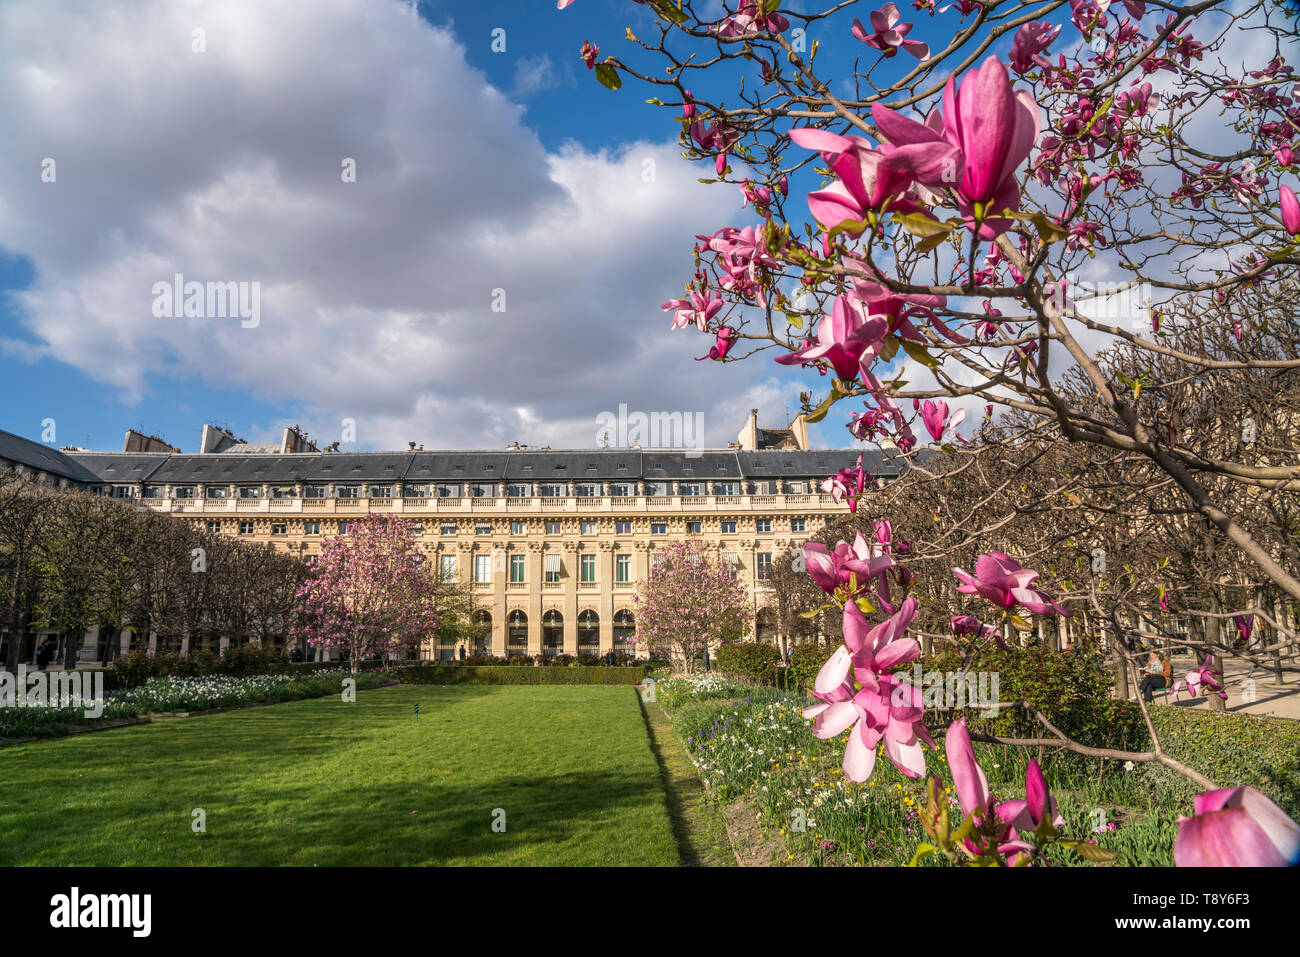 Magnolien im  Park Jardin du Palais Royal,  Paris, Frankreich  |  Magnolia at  Jardin du Palais Royal, Paris, France - Stock Image